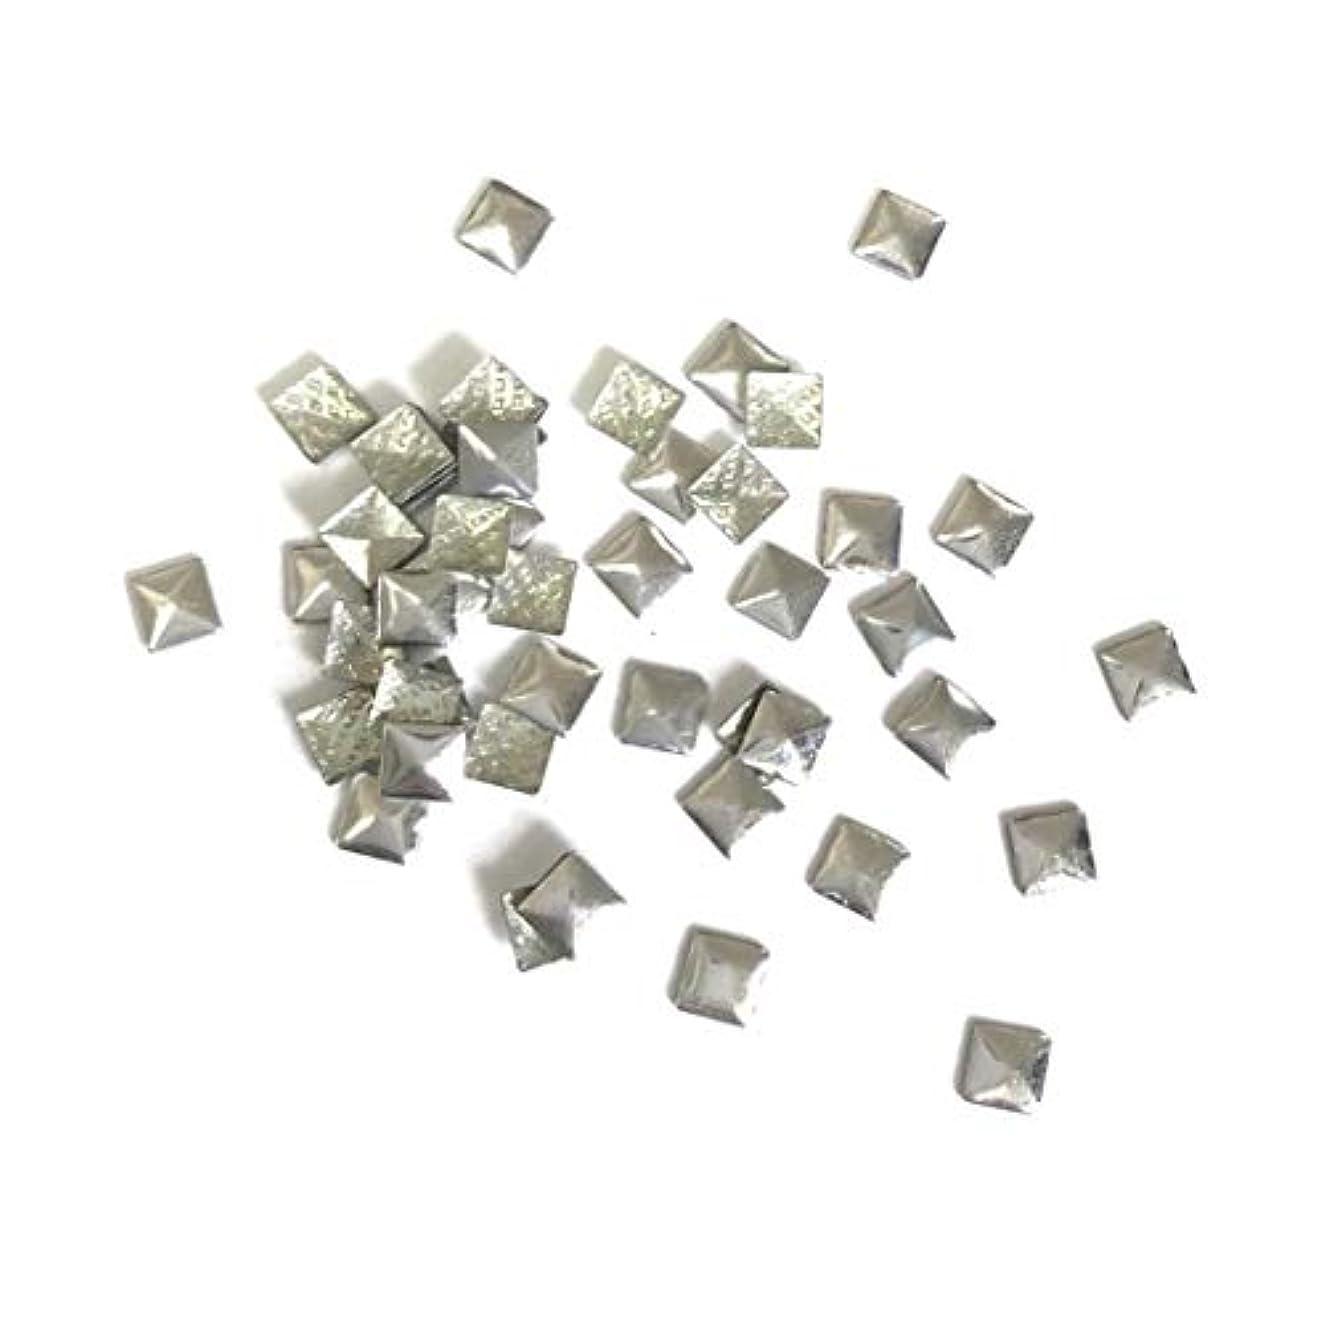 テープ脳有害【ネイルウーマン】メタルパーツ スタッズ シルバー 銀 スクエア 四角形 (3mm) 約50粒入り